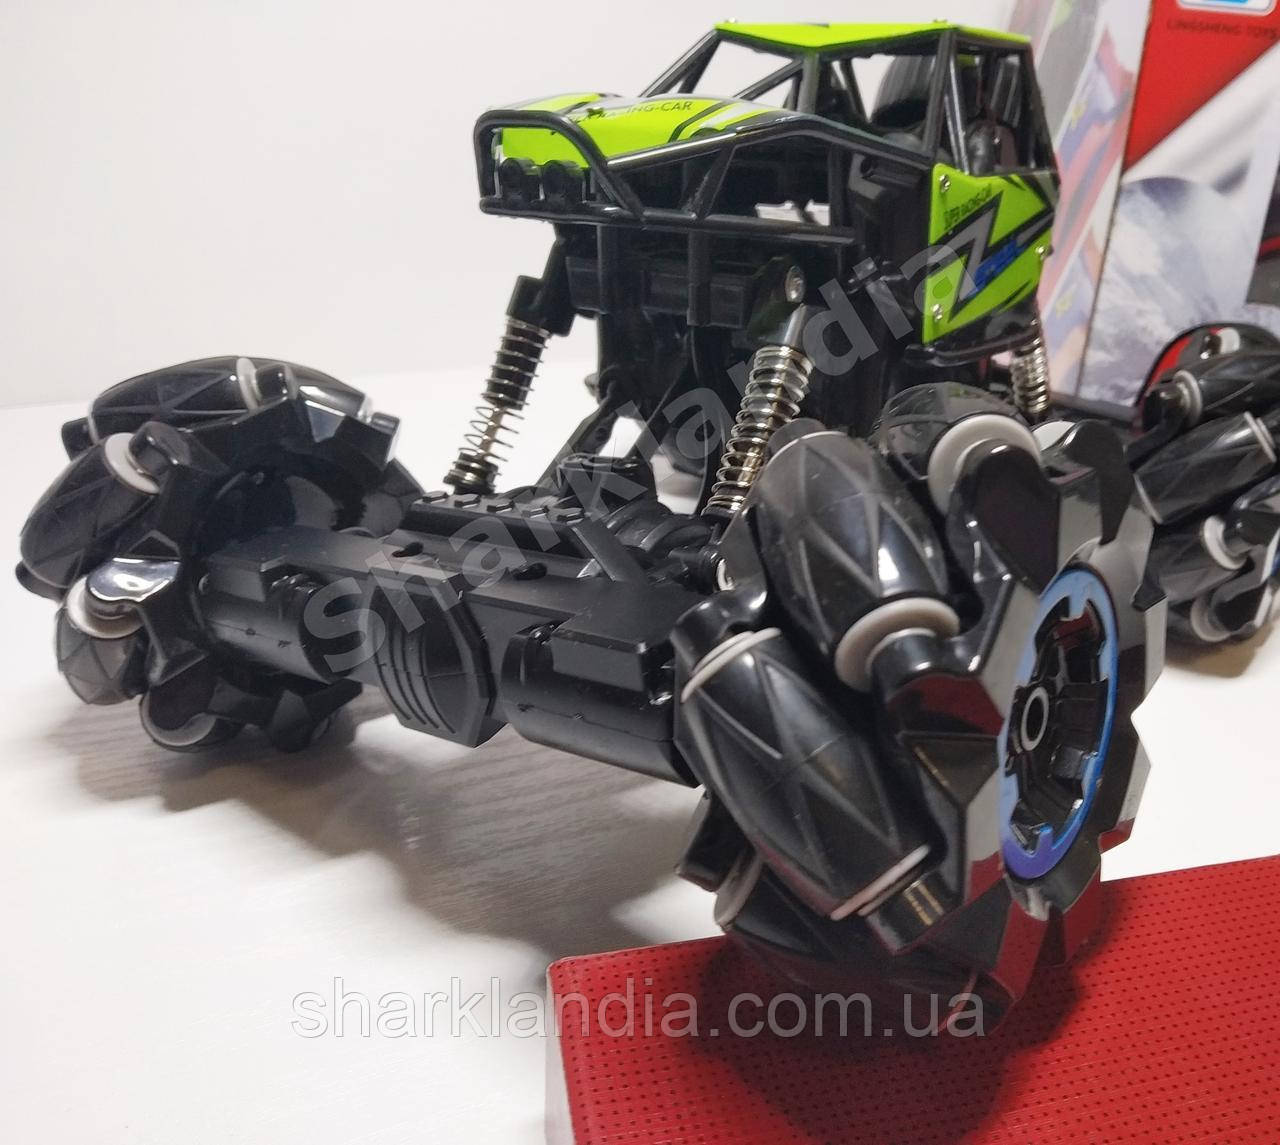 Хит 2020! Танцующая дрифт машинка на необычных колесах с роликами Своя музыка Drift Climbing King